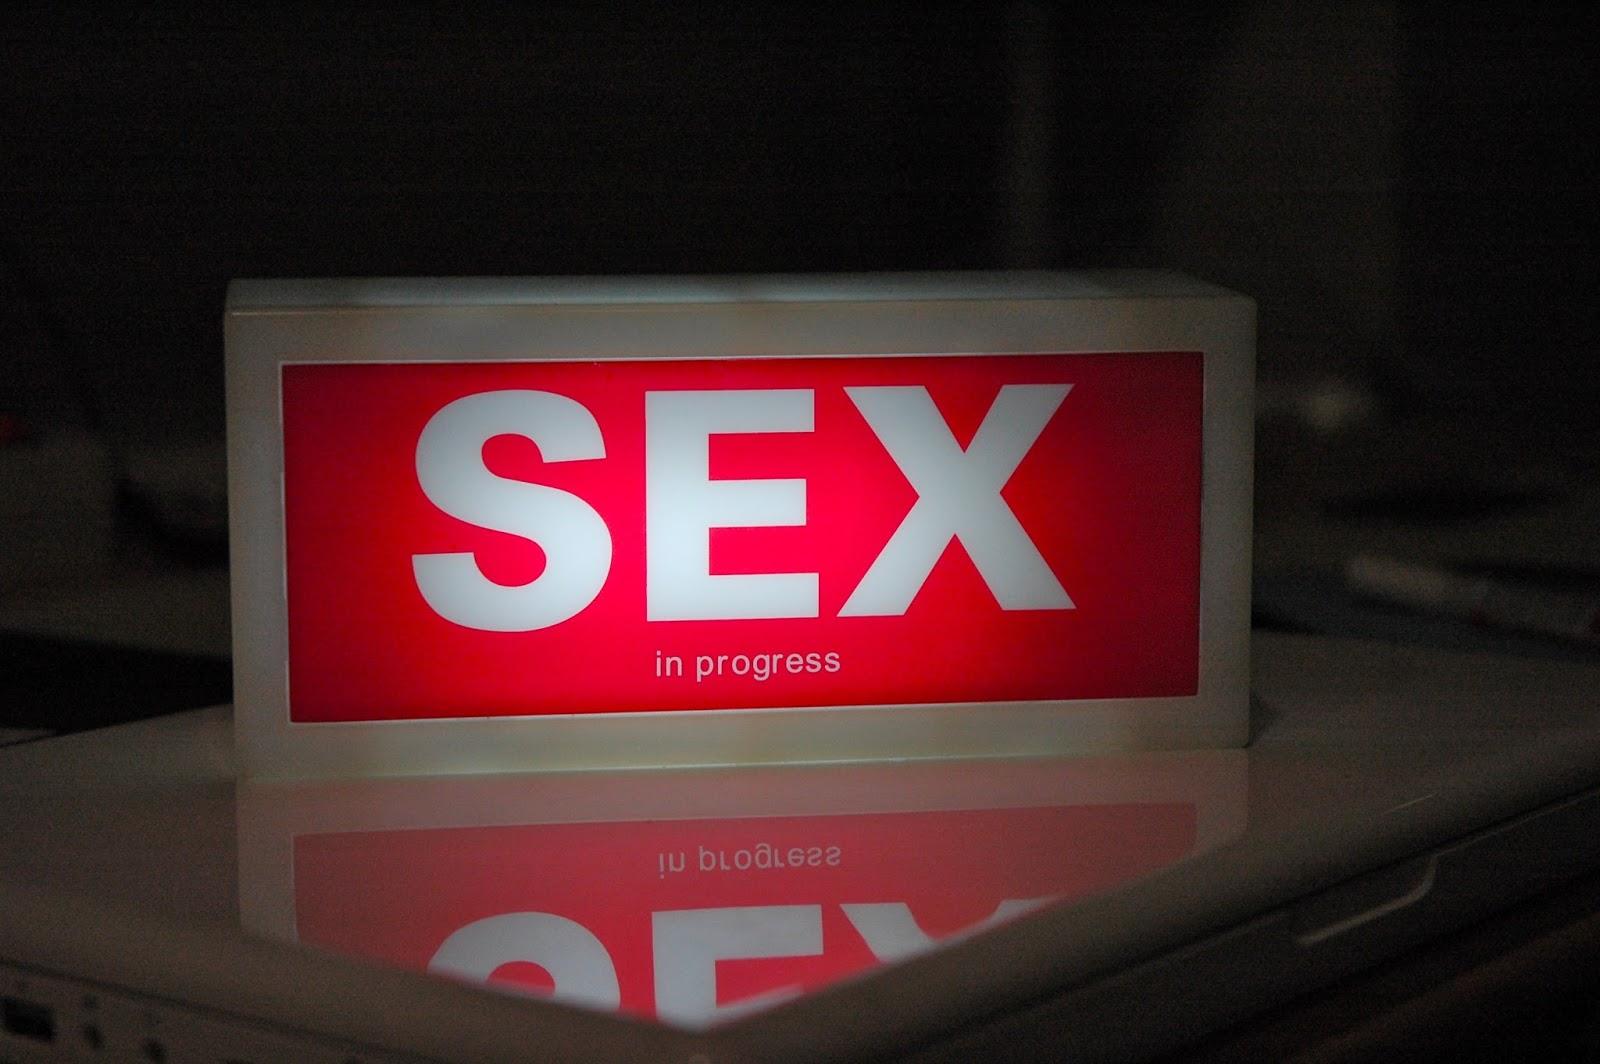 Celibacy dating website